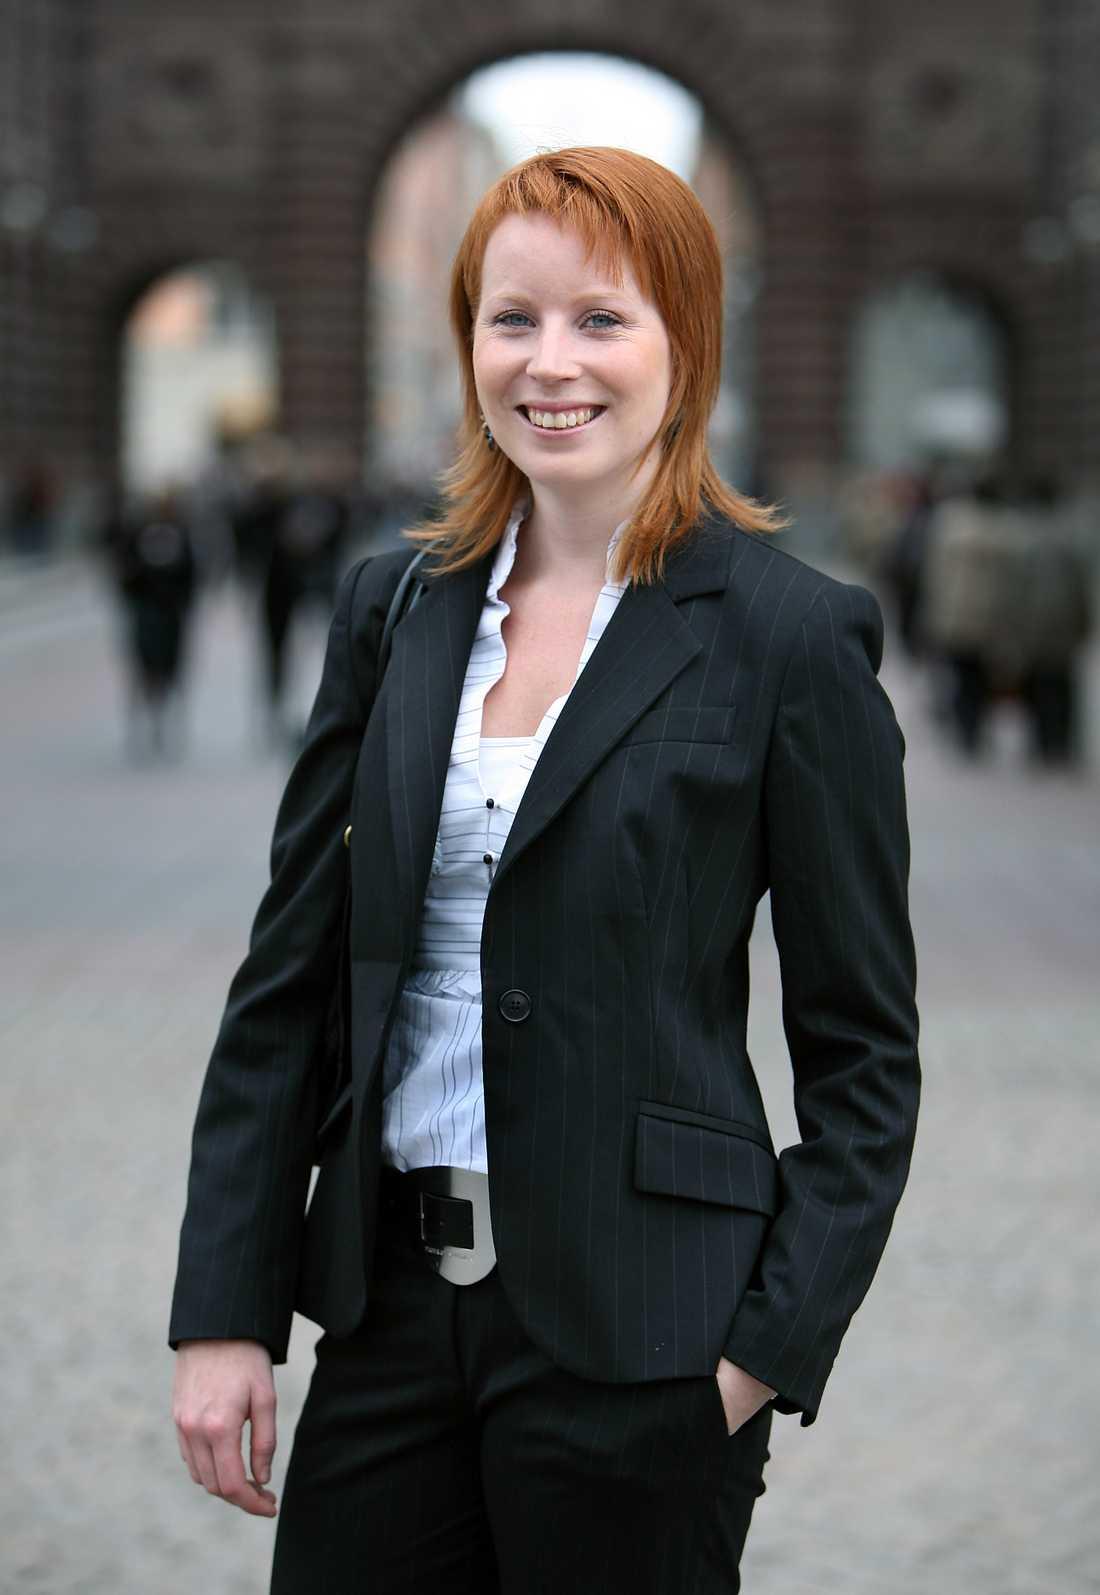 FÄRSK I RIKSDAGEN Oktober 2006 och Annie, som då hette Johansson i efternamn, är helt ny i Riksdagen.